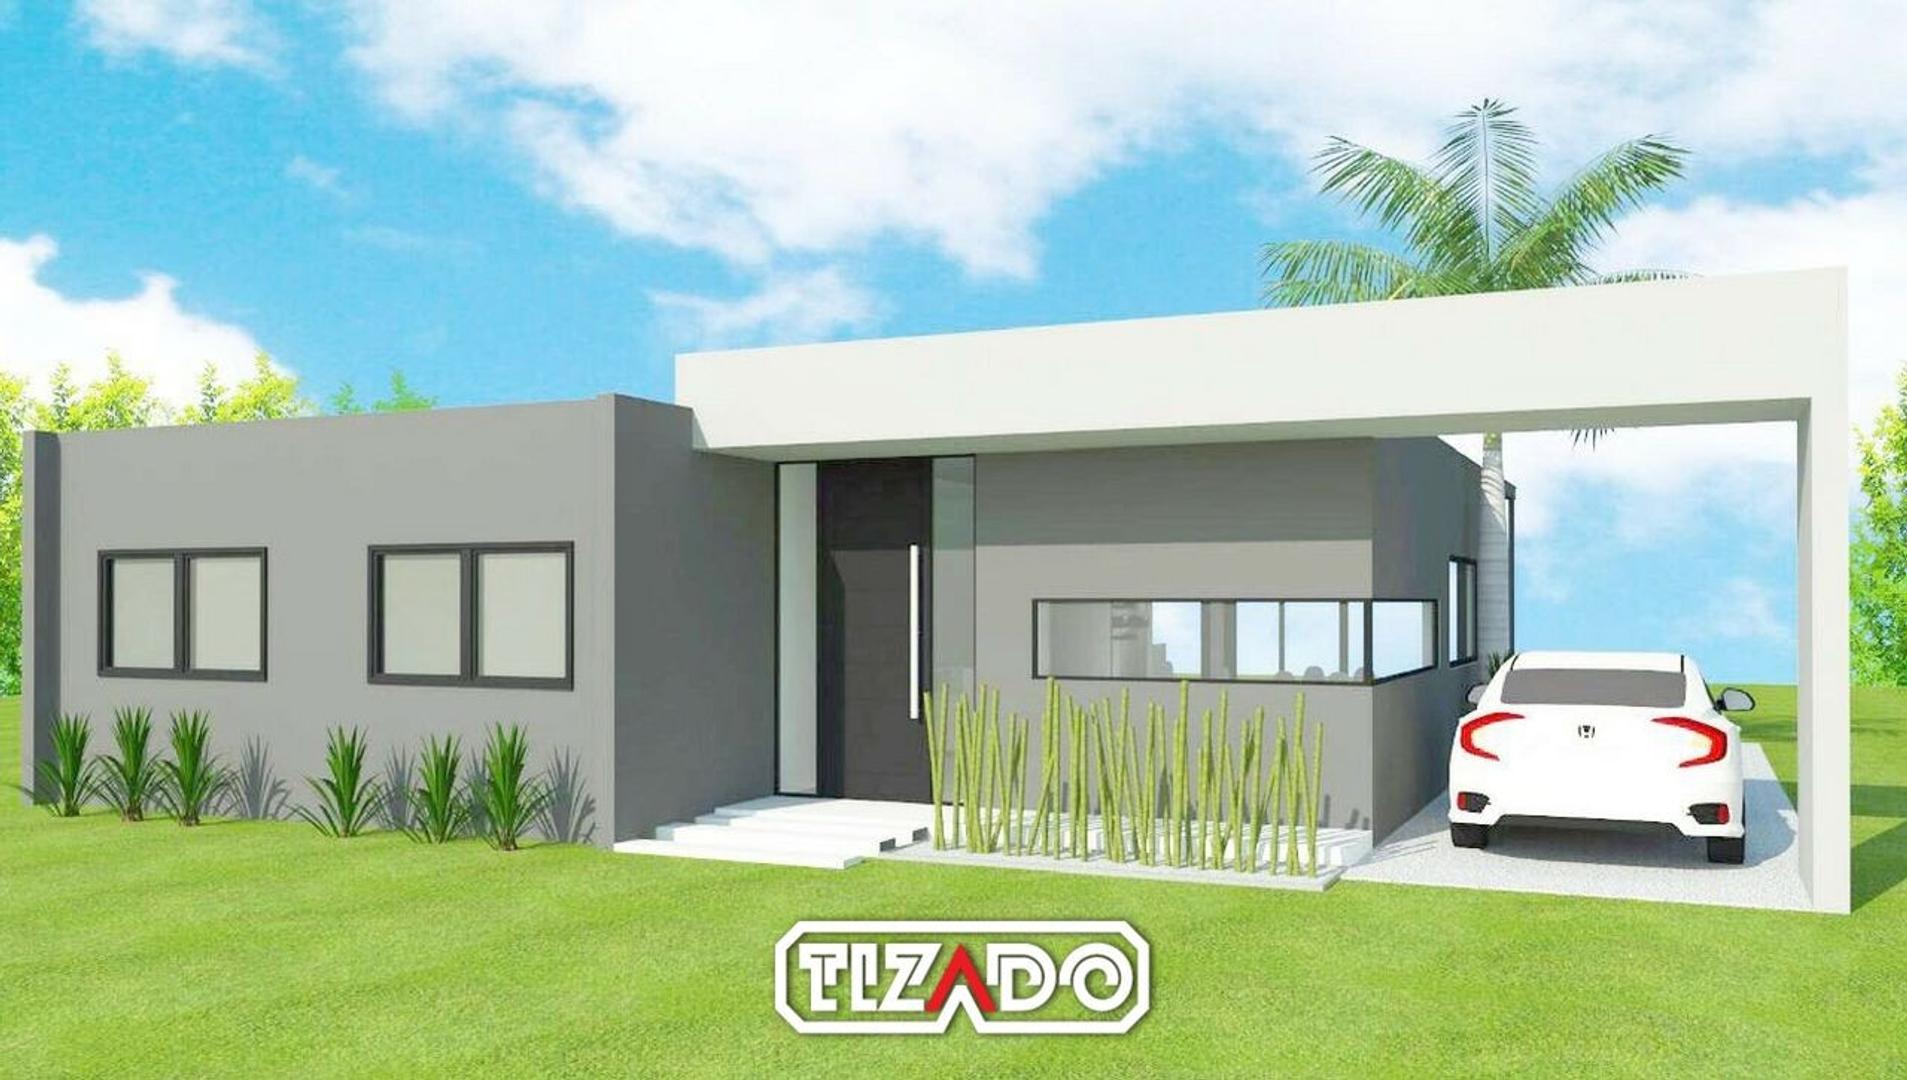 Casa  en Venta ubicado en La Cañada de Pilar, Pilar y Alrededores - PIL3806_LP166914_1